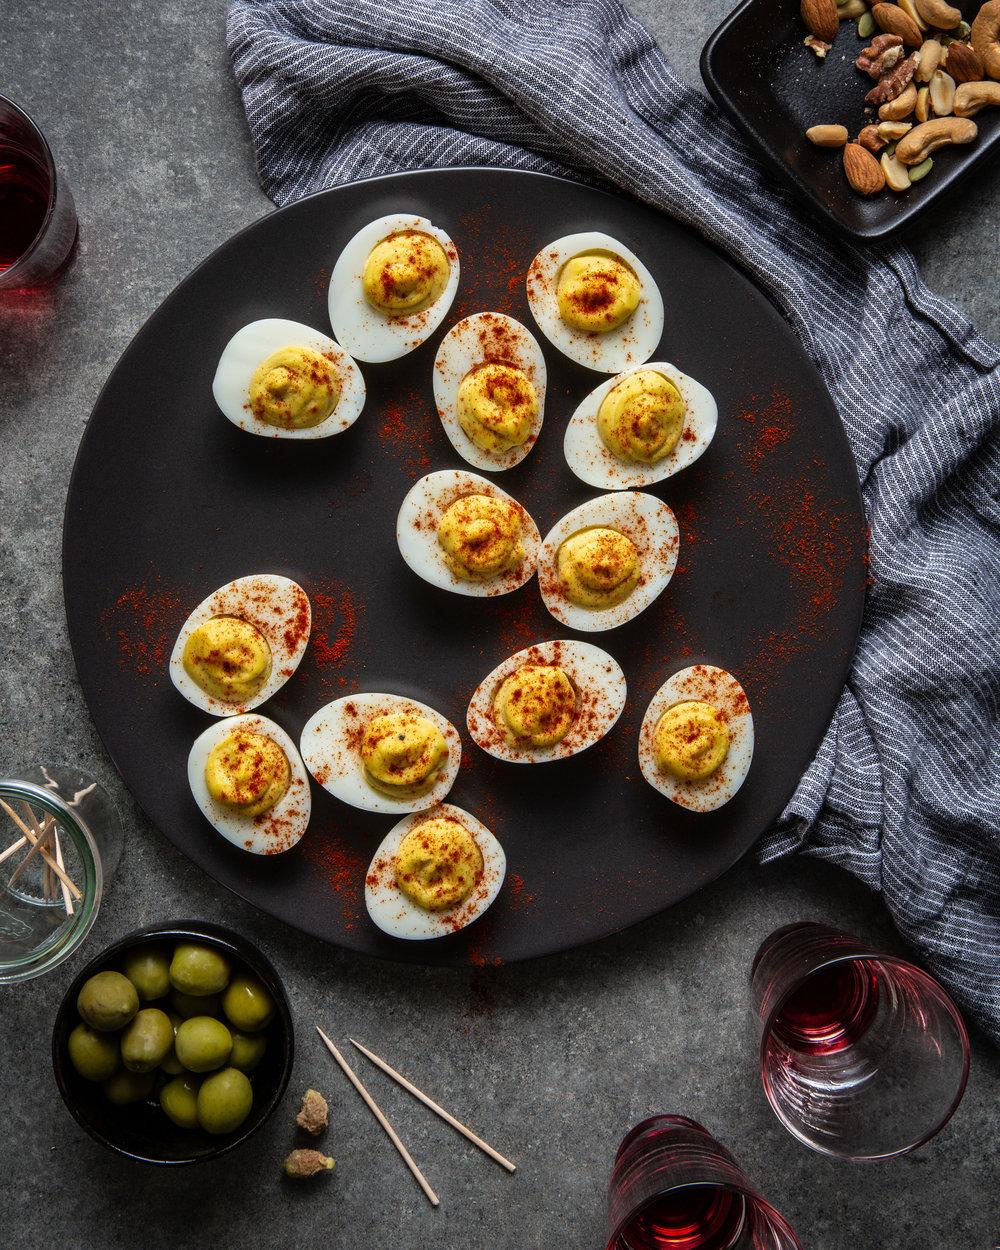 208_Deviled Eggs-Social.JPG